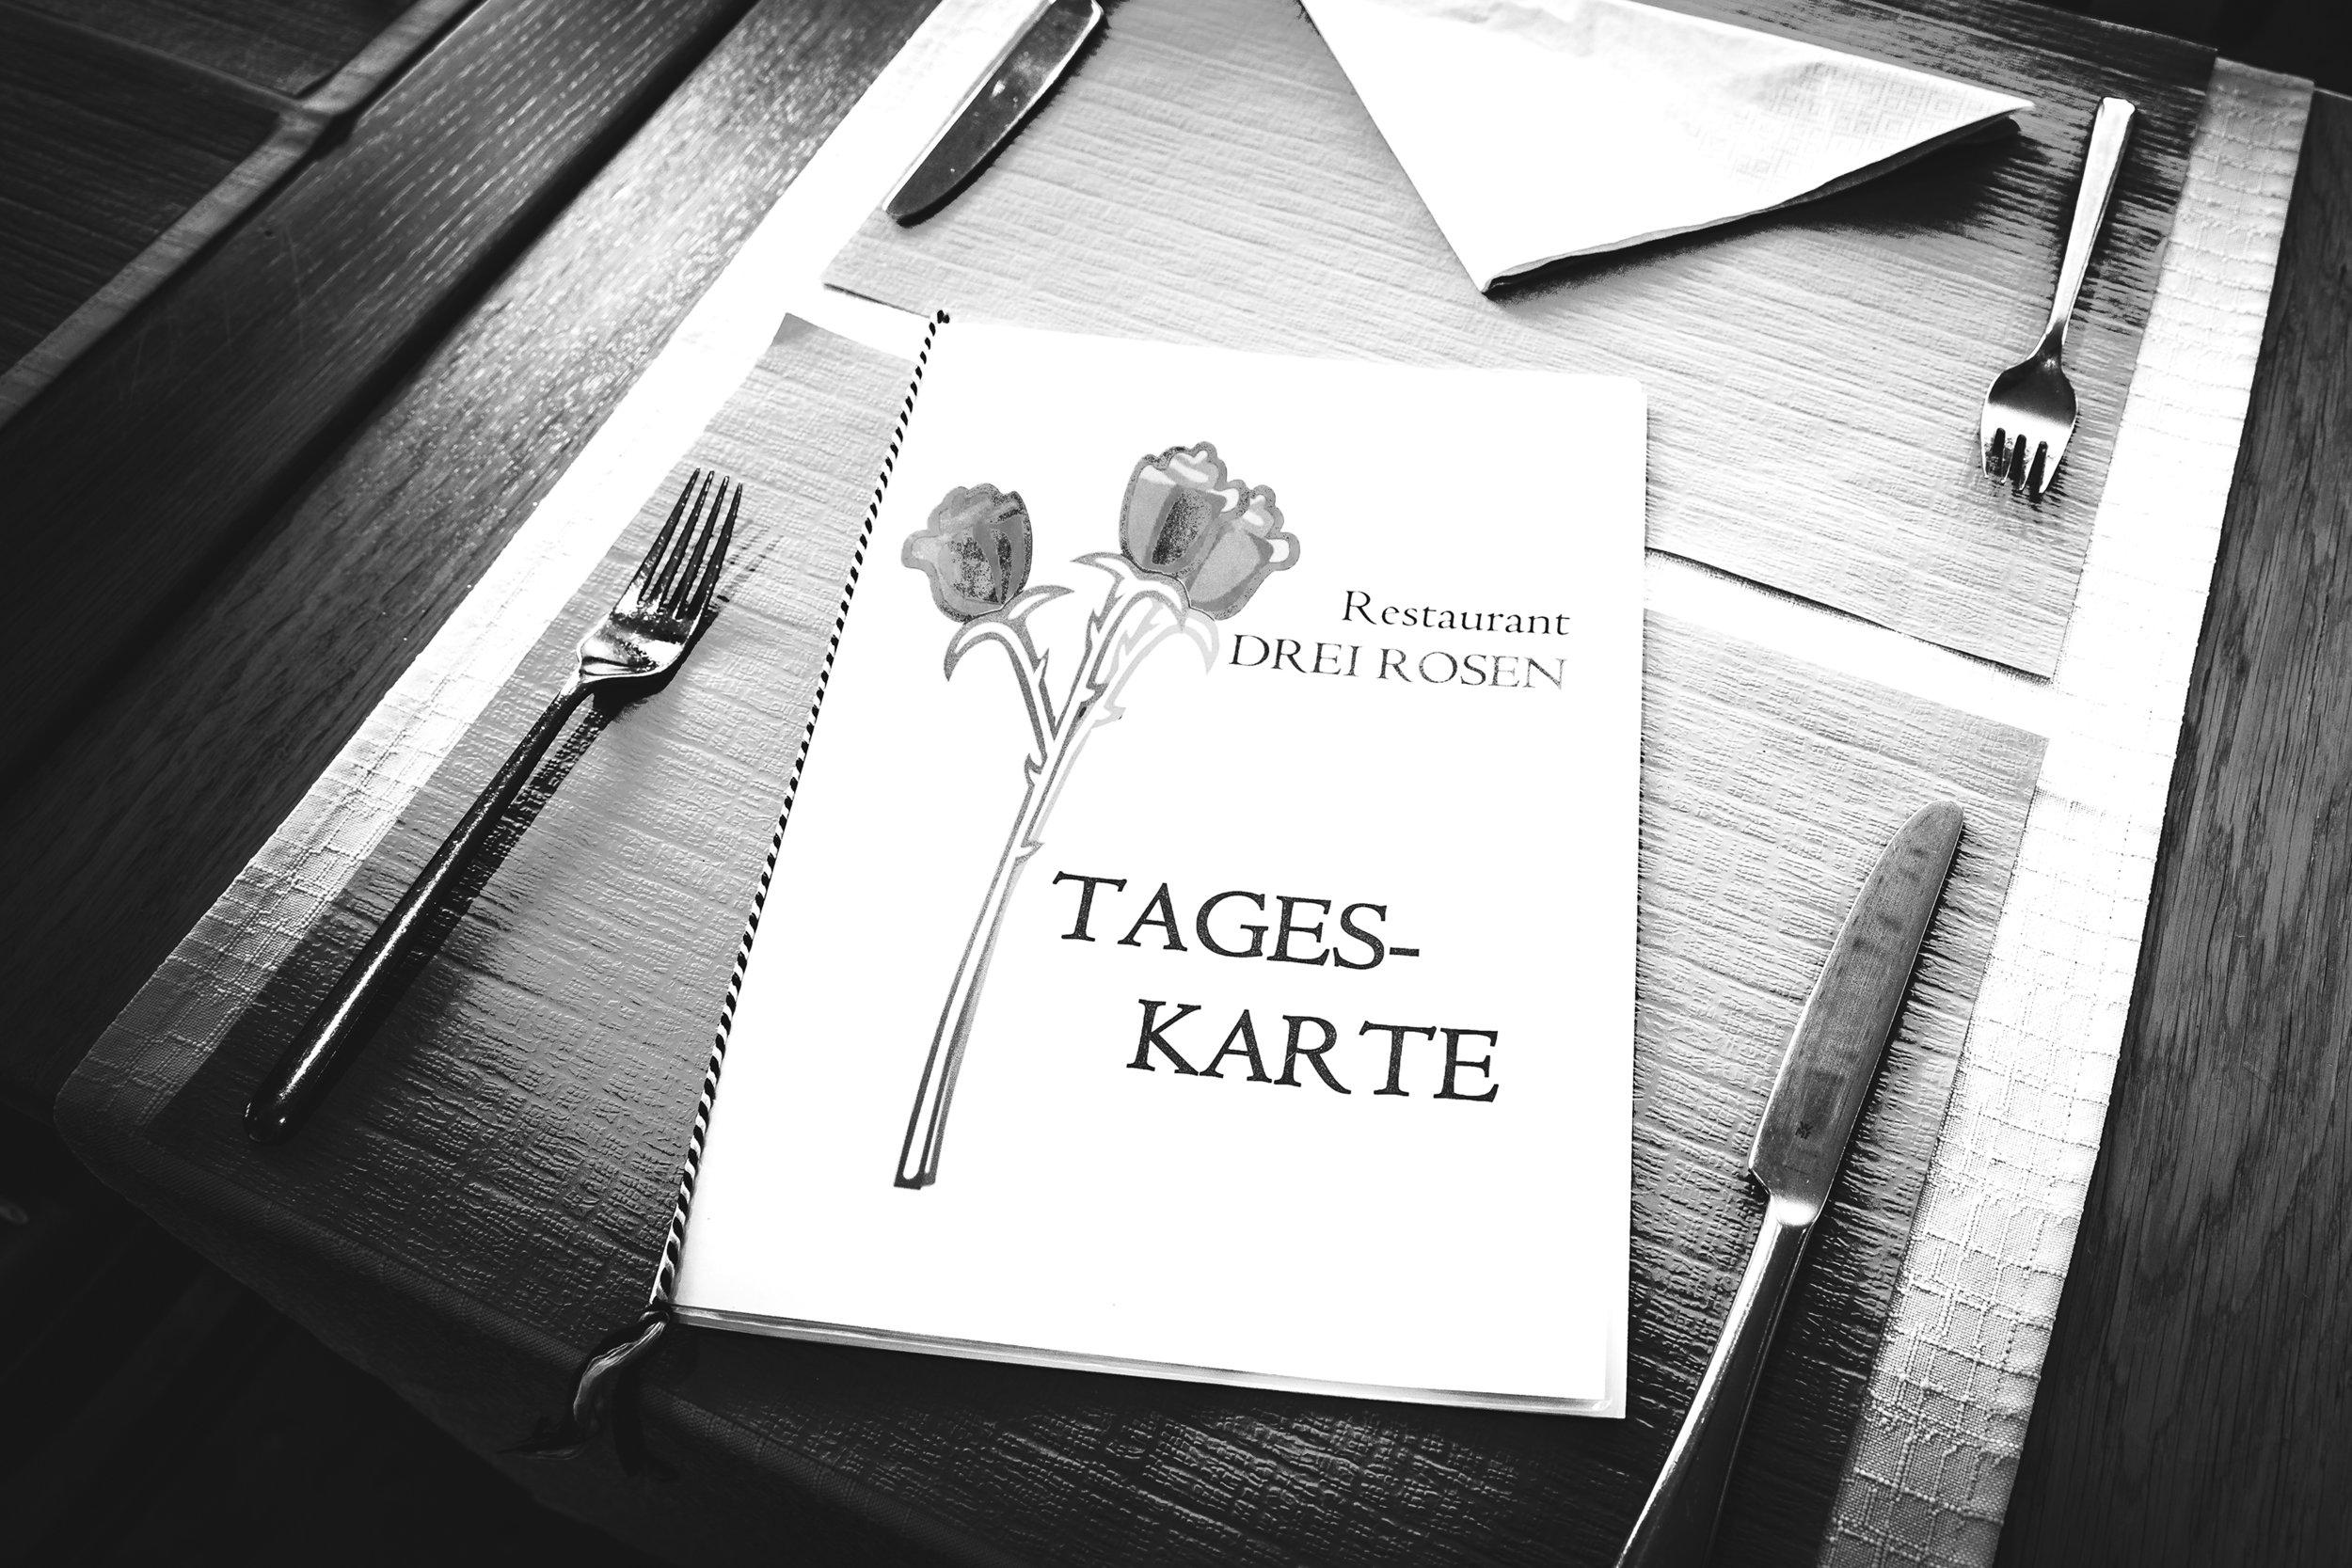 Restaurant-7360_web.jpg